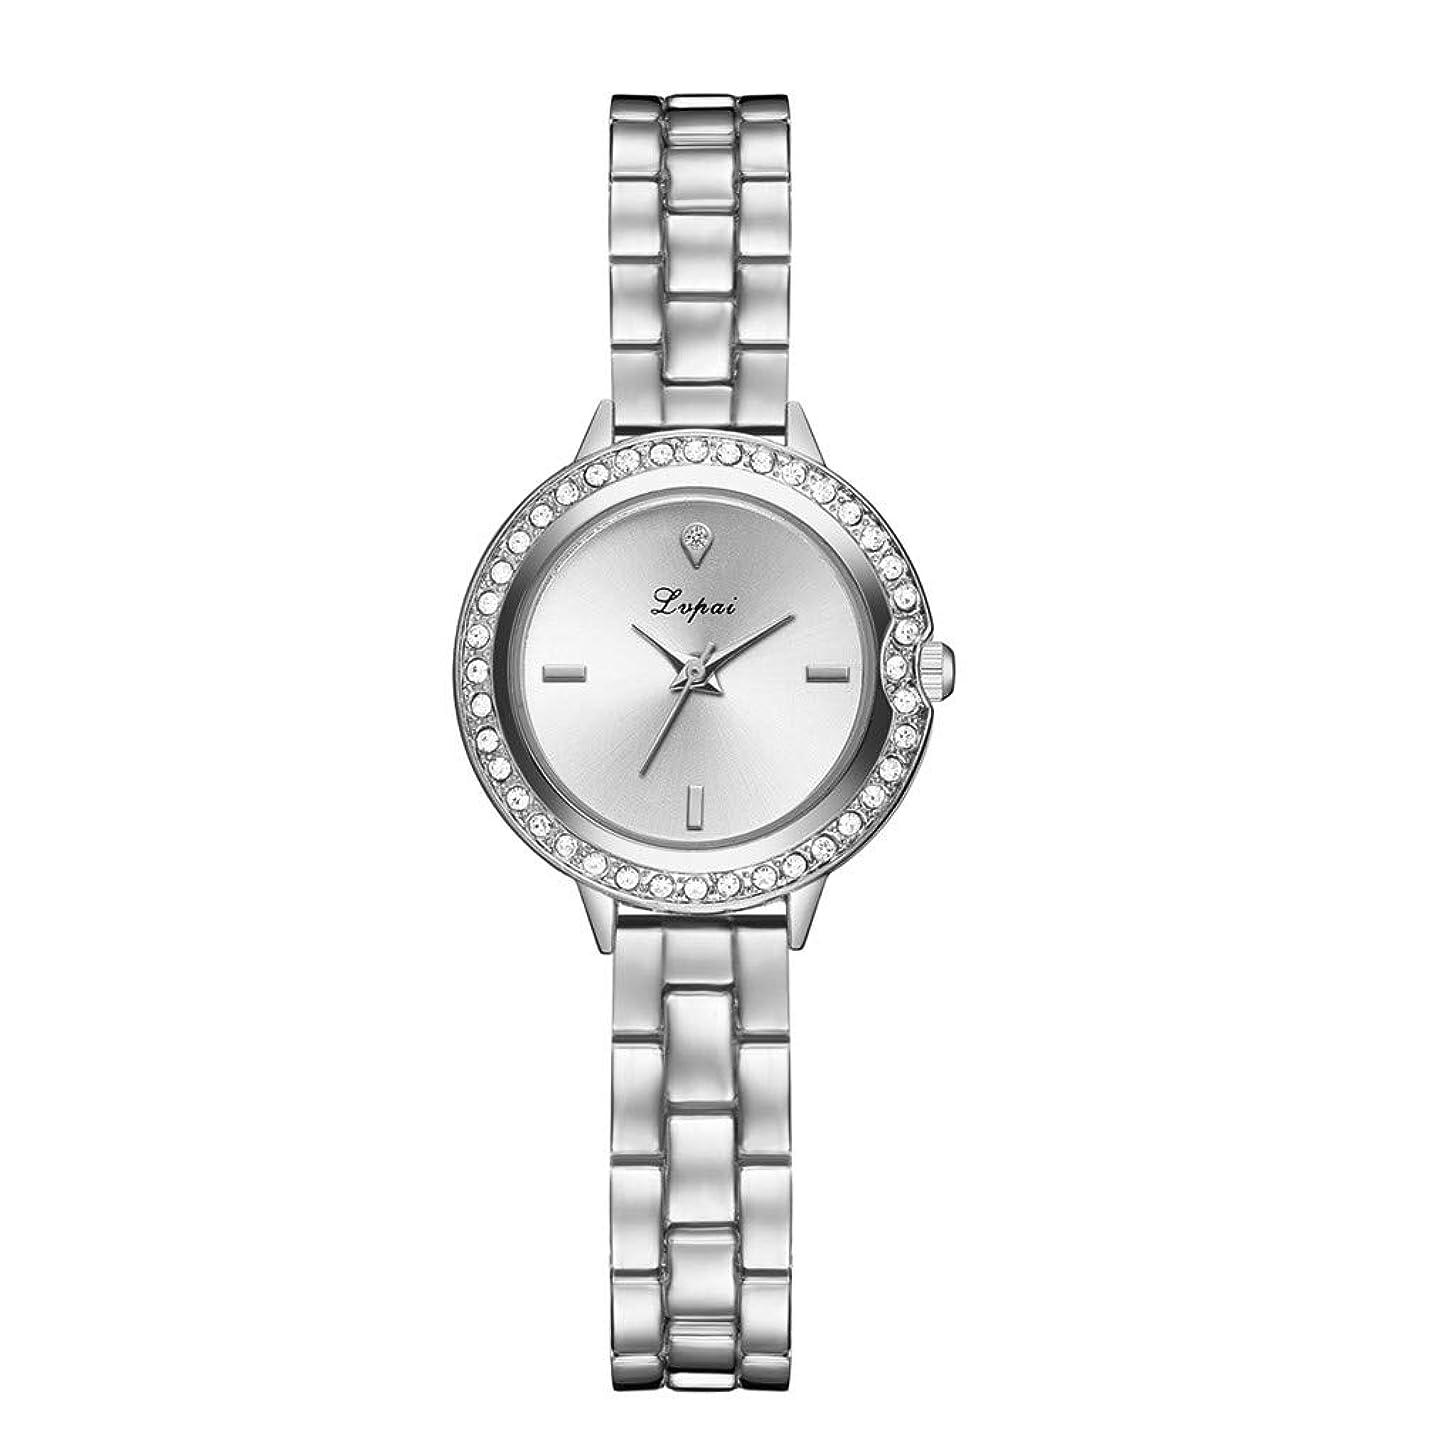 LUCAMORE Women's Ladies Quartz Watch Rhinestone Round Analog Watches Stainless Steel Bracelet Wrist Watches on Sale